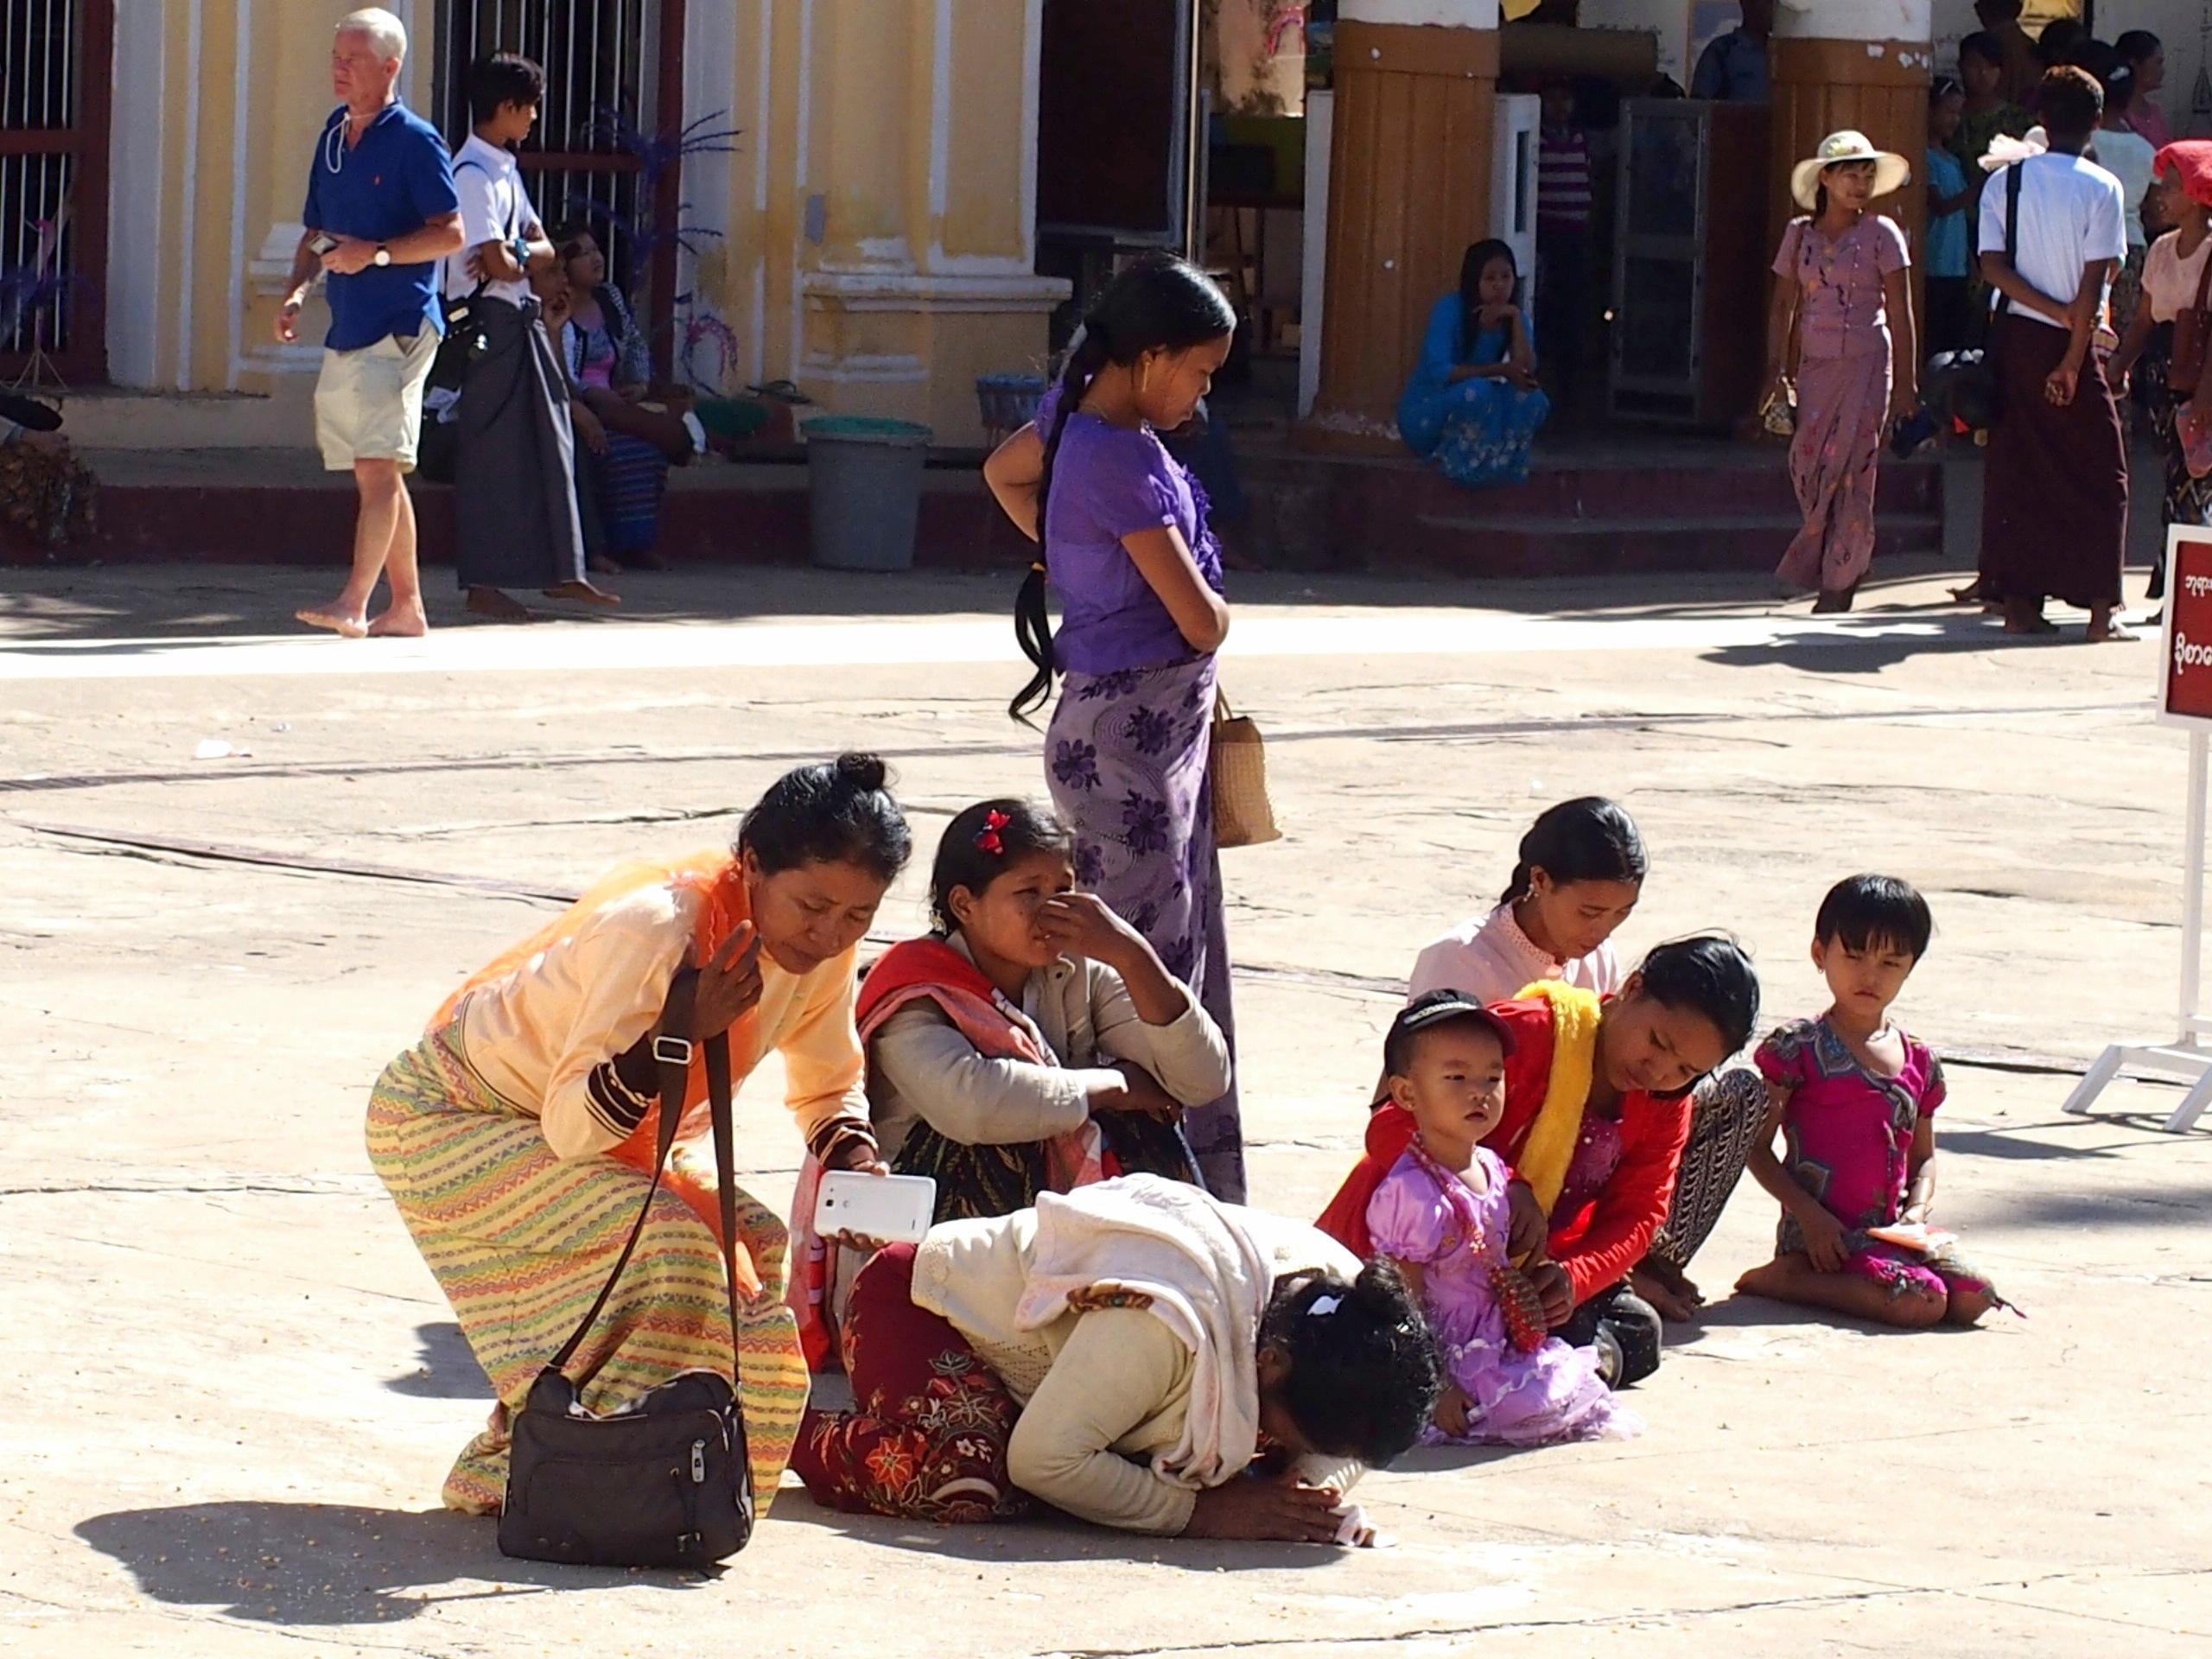 Familles-en-prière-Shwezigon-Bagan-Myanmar